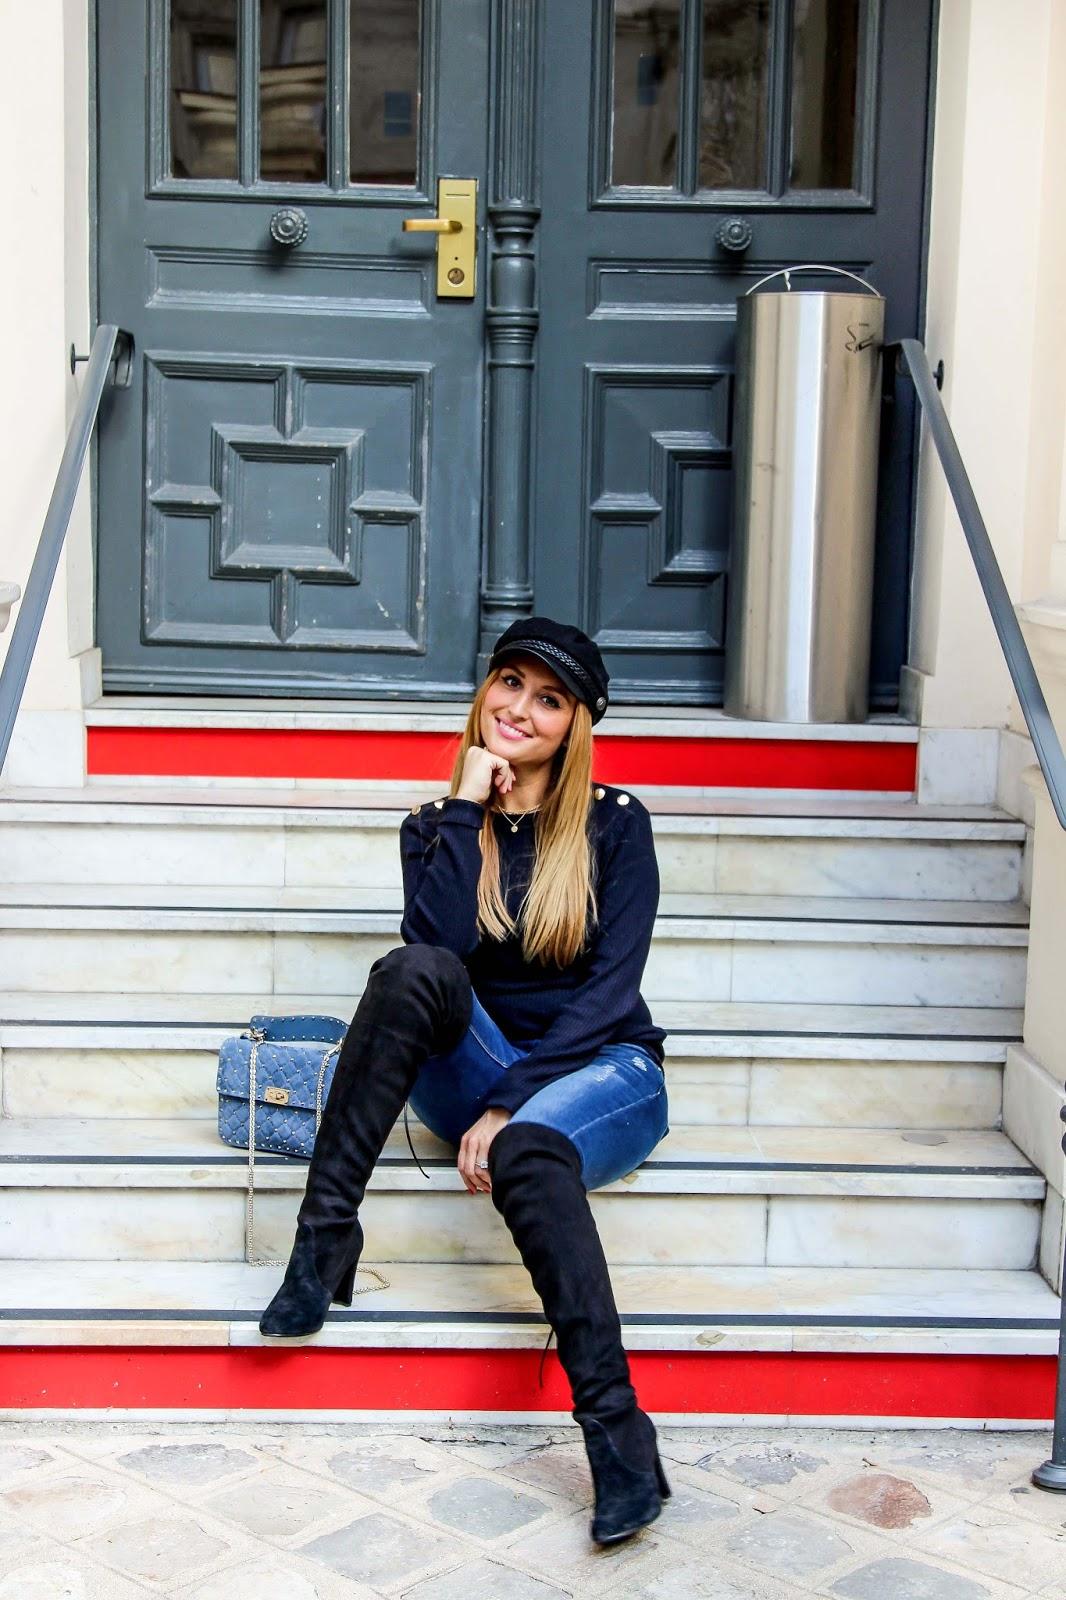 Fashionstylebyjohanna-blogger-deutschland-deutsche-fashionblogger-overknees-valantino-tasche-blau